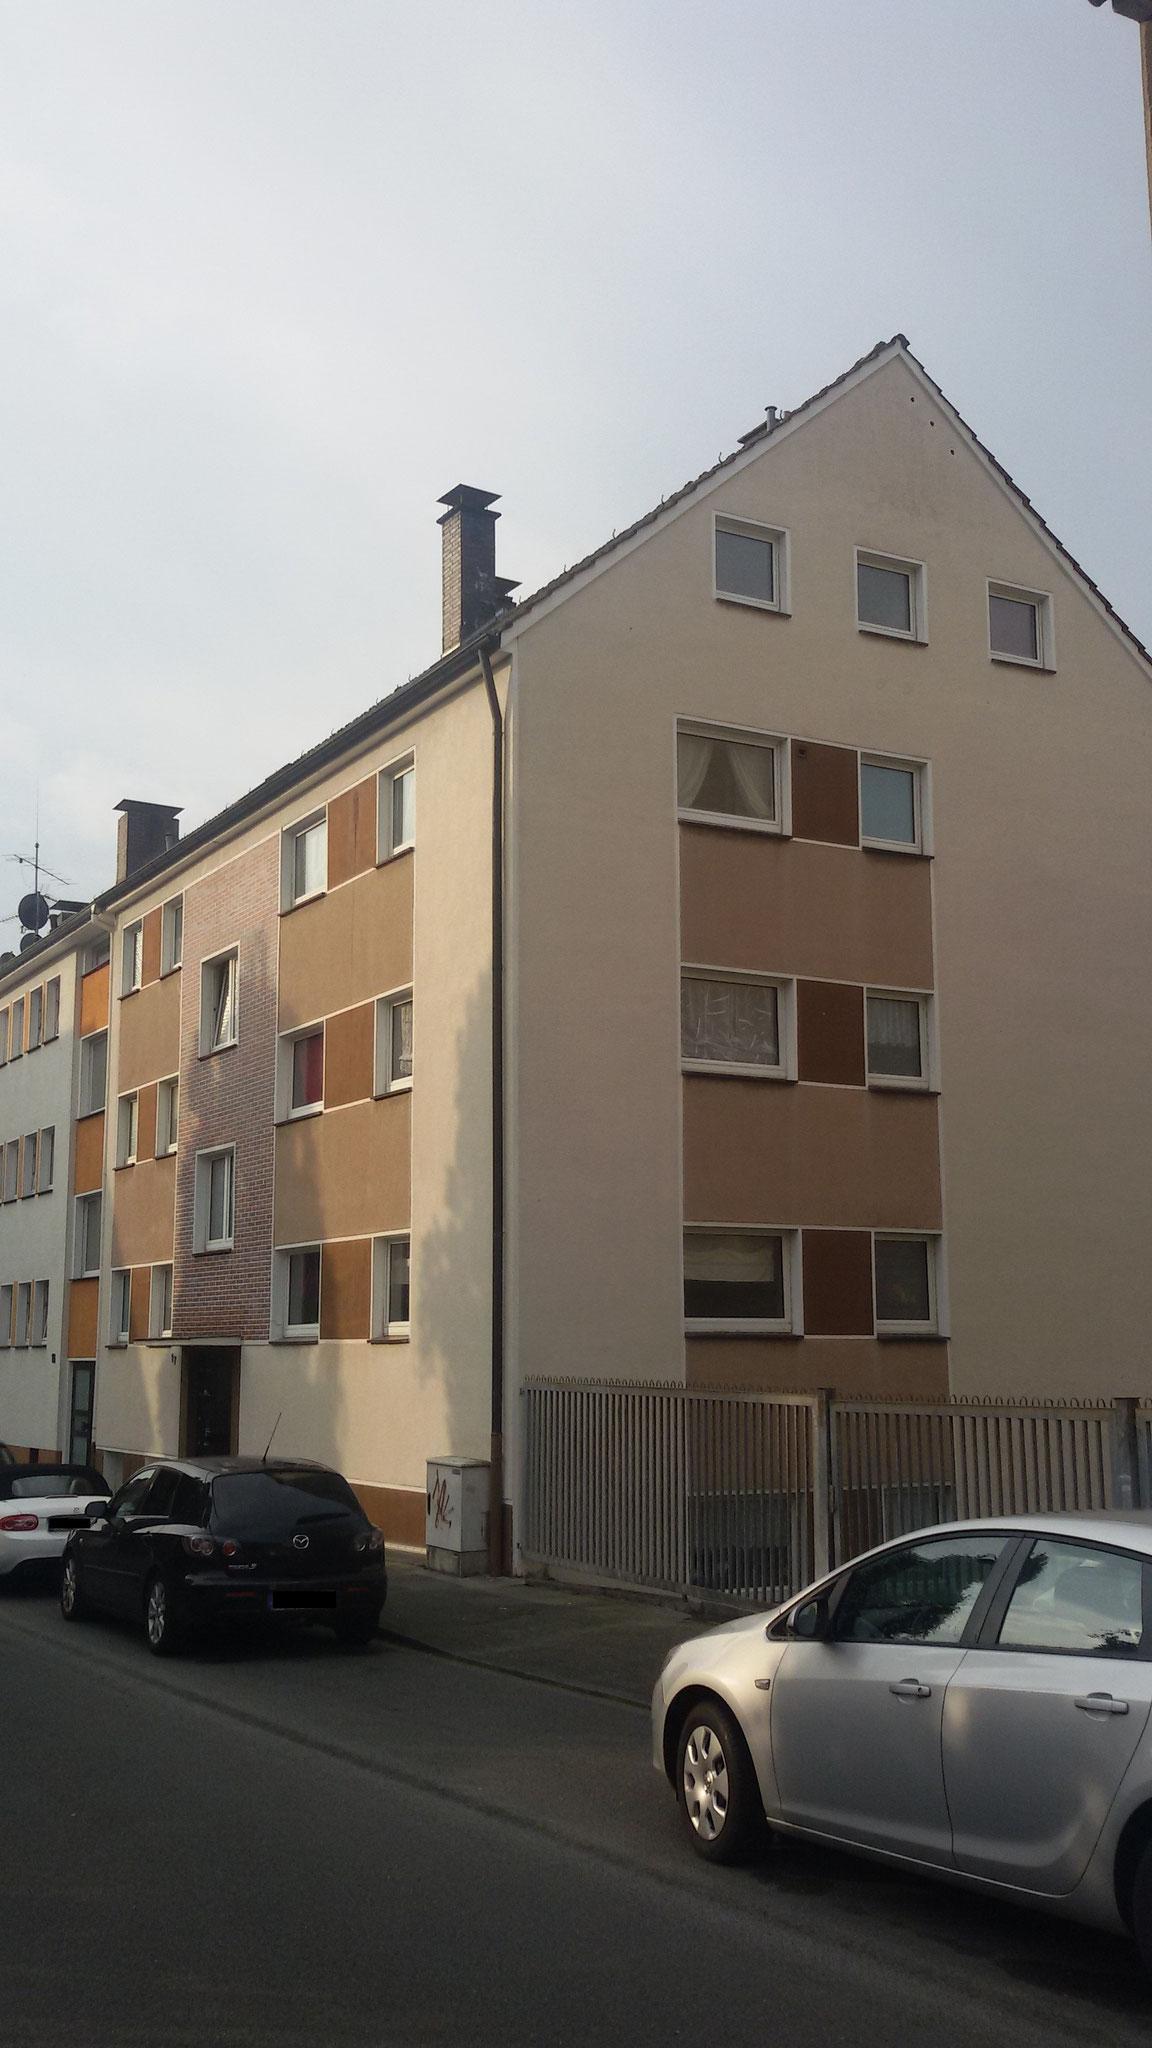 Markusstraße 17 - Außenansicht